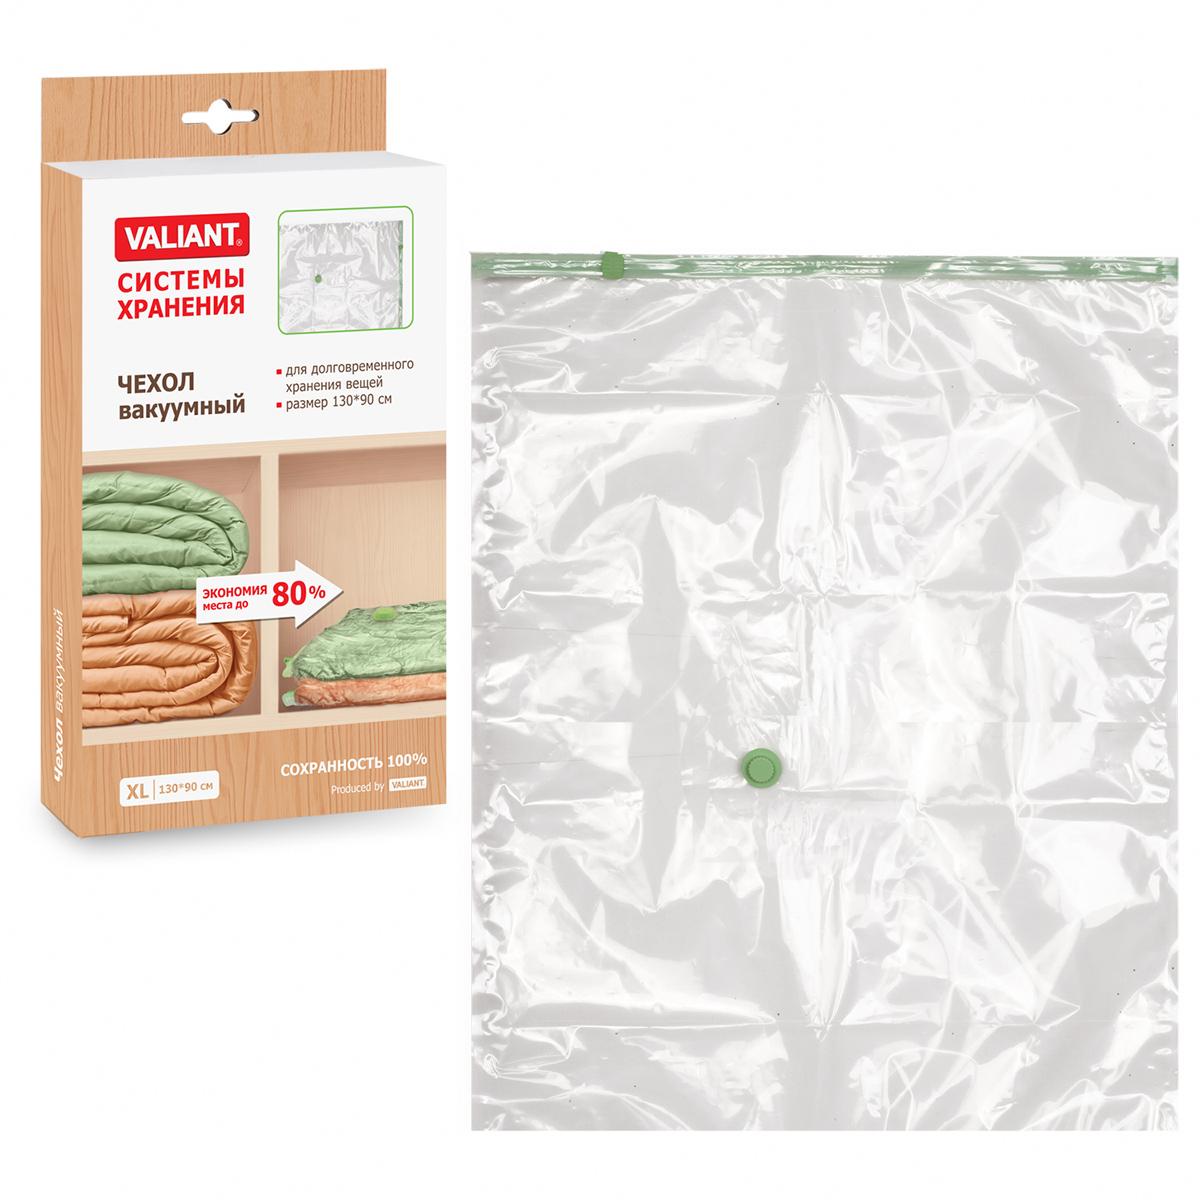 Чехол вакуумный Valiant, 130 х 90 смRG-D31SВакуумный чехол Valiant предназначен для долговременного хранения вещей. Он отлично защитит вашу одежду от пыли и других загрязнений, а также поможет надолго сохранить ее безупречный вид. Чехол изготовлен из высококачественных полимерных материалов. Достоинства чехла Valiant:- вещи сжимаются в объеме на 80%, полностью сохраняя свое качество;- вещи можно хранить в течение целого сезона (осенью и зимой - летний гардероб, летом - зимние свитера, шарфы, теплые одеяла);- надежная защита вещей от любых повреждений - влаги, пыли, пятен, плесени, моли и других насекомых, а также от обесцвечивания, запахов и бактерий;- откачать воздух можно как ручным насосом, так и любым стандартным пылесосом (отверстие клапана 27 мм).